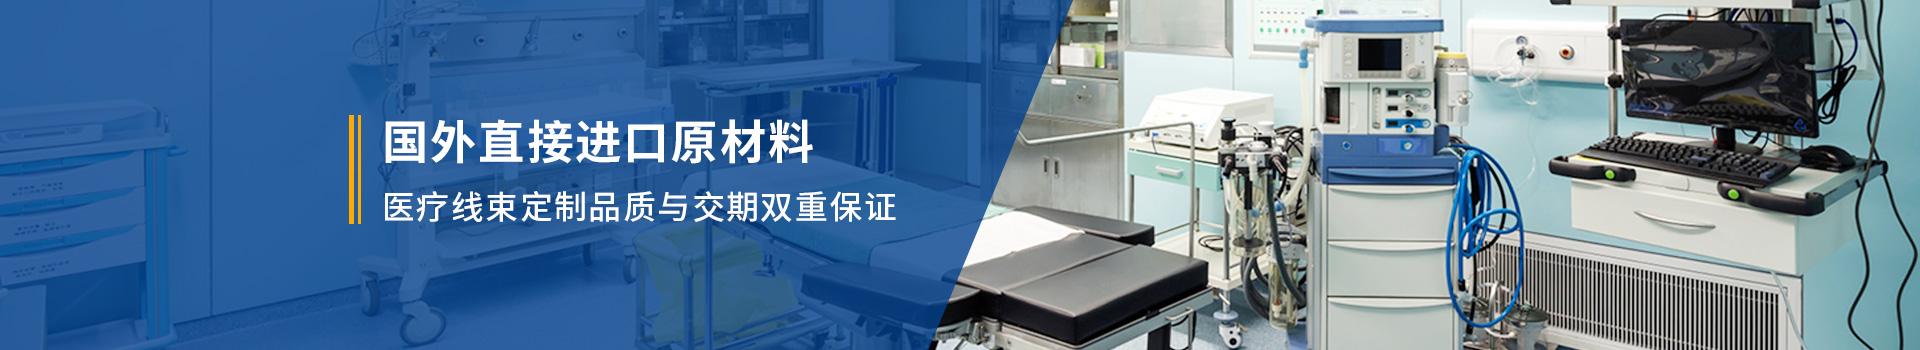 凯佰乐医疗设备线束定制品质与交期双重保证